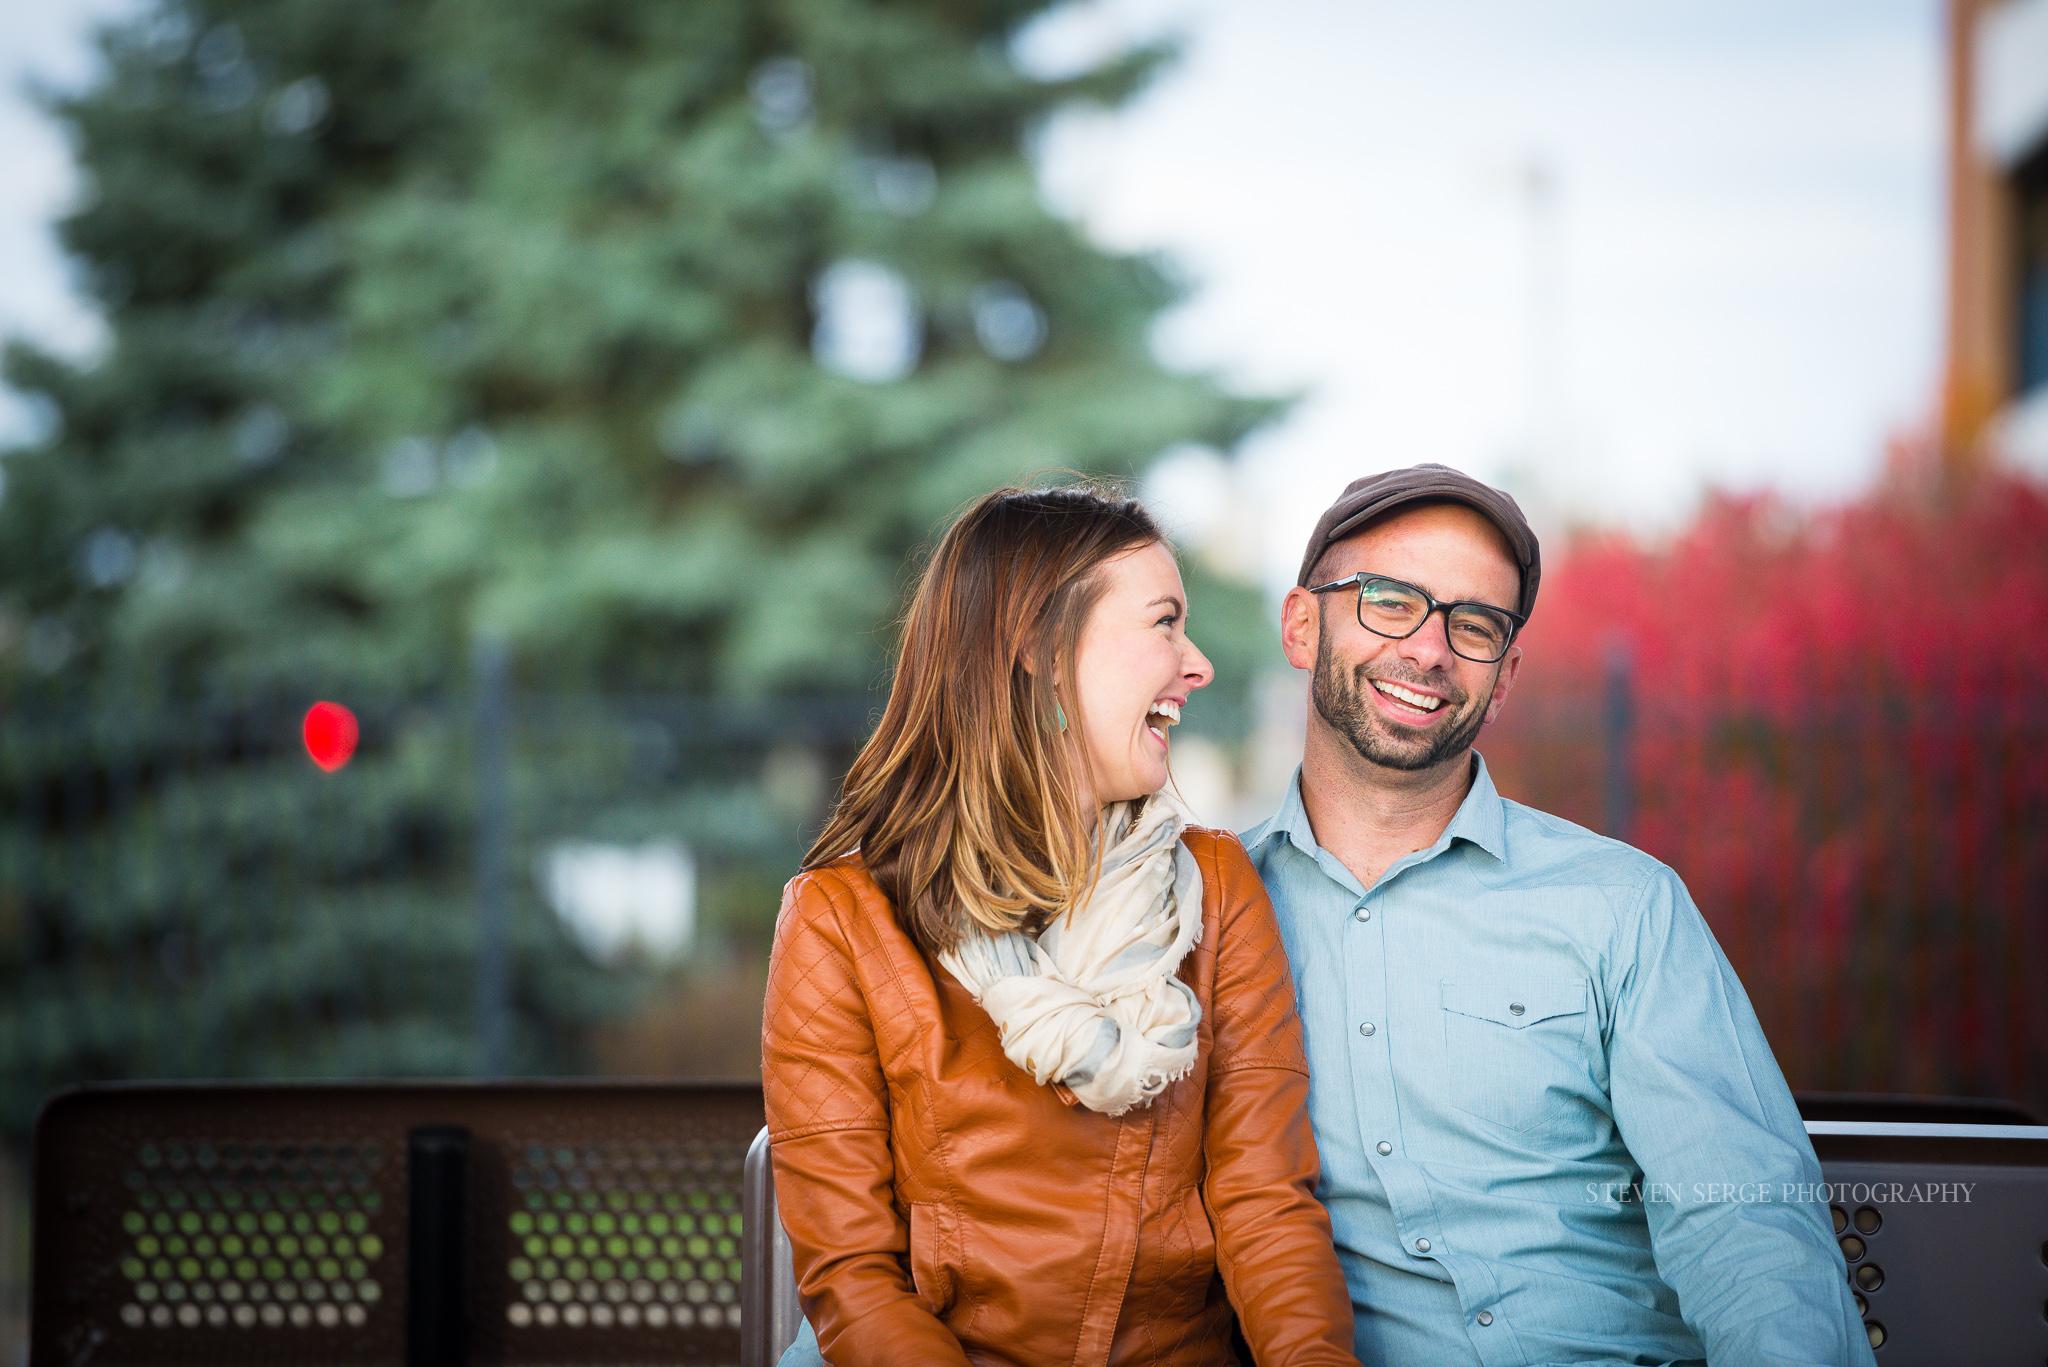 Aleine-Scranton-Engagement-Wedding-Nepa-Photographer-Steamtown-Photography-5.jpg